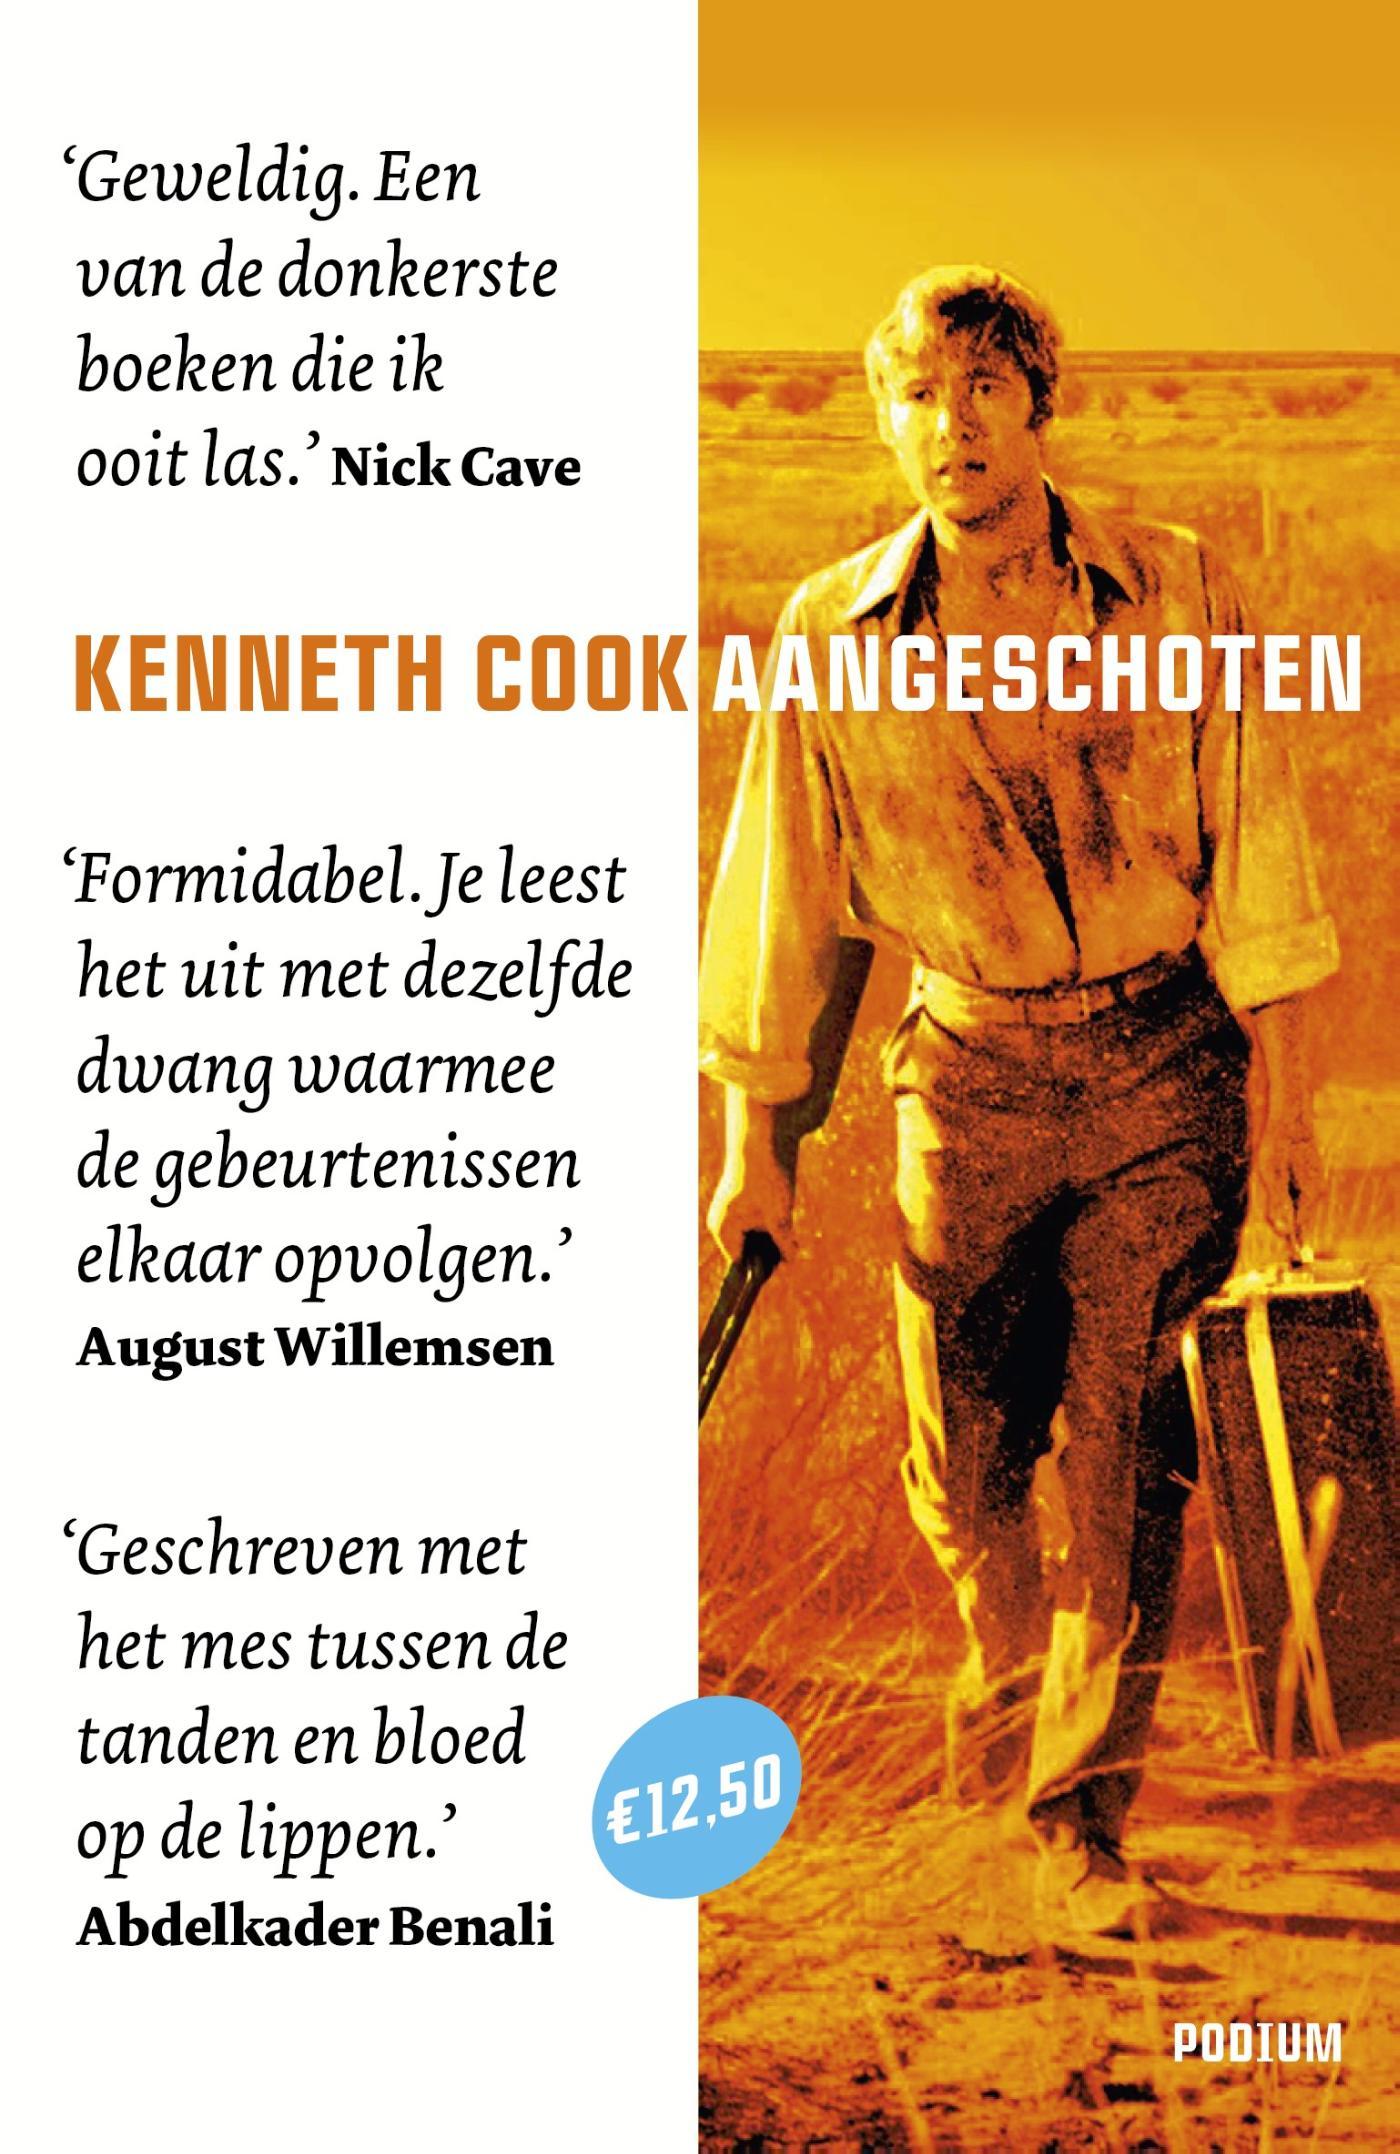 KENNETH Cook - Aangeschoten